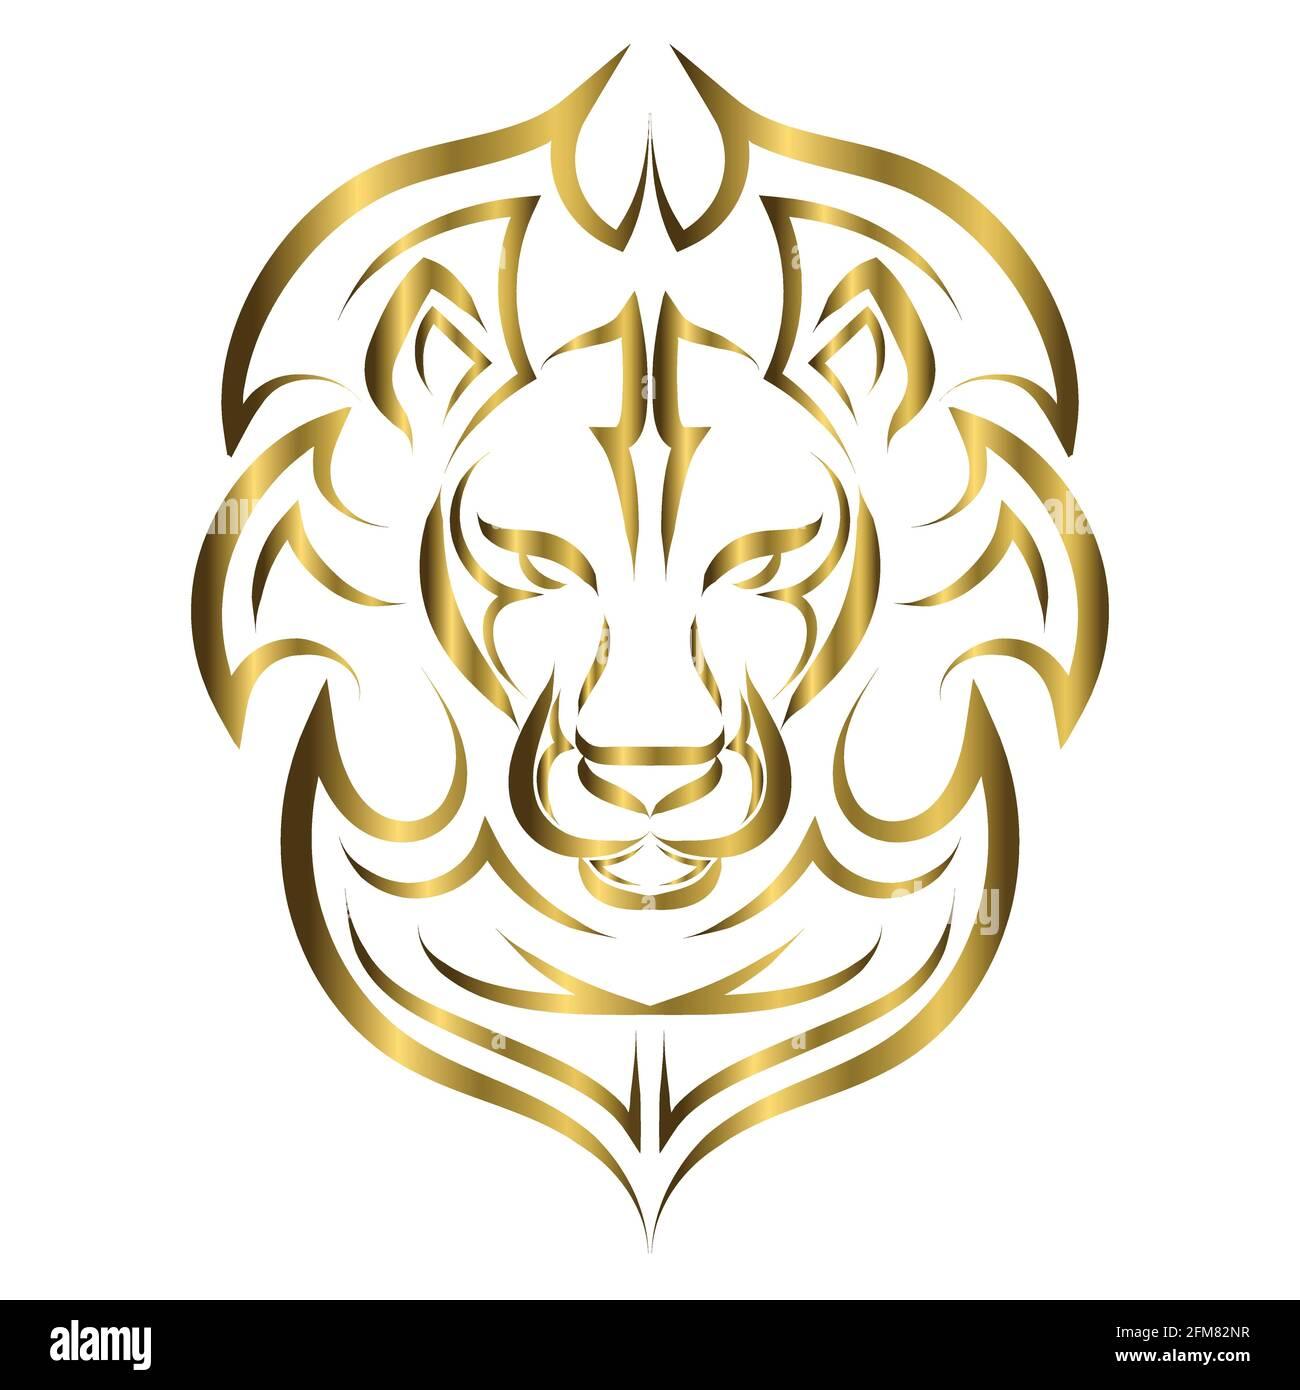 Goldene Linienkunst der Vorderseite des Löwenkopfes. Es ist ein ...